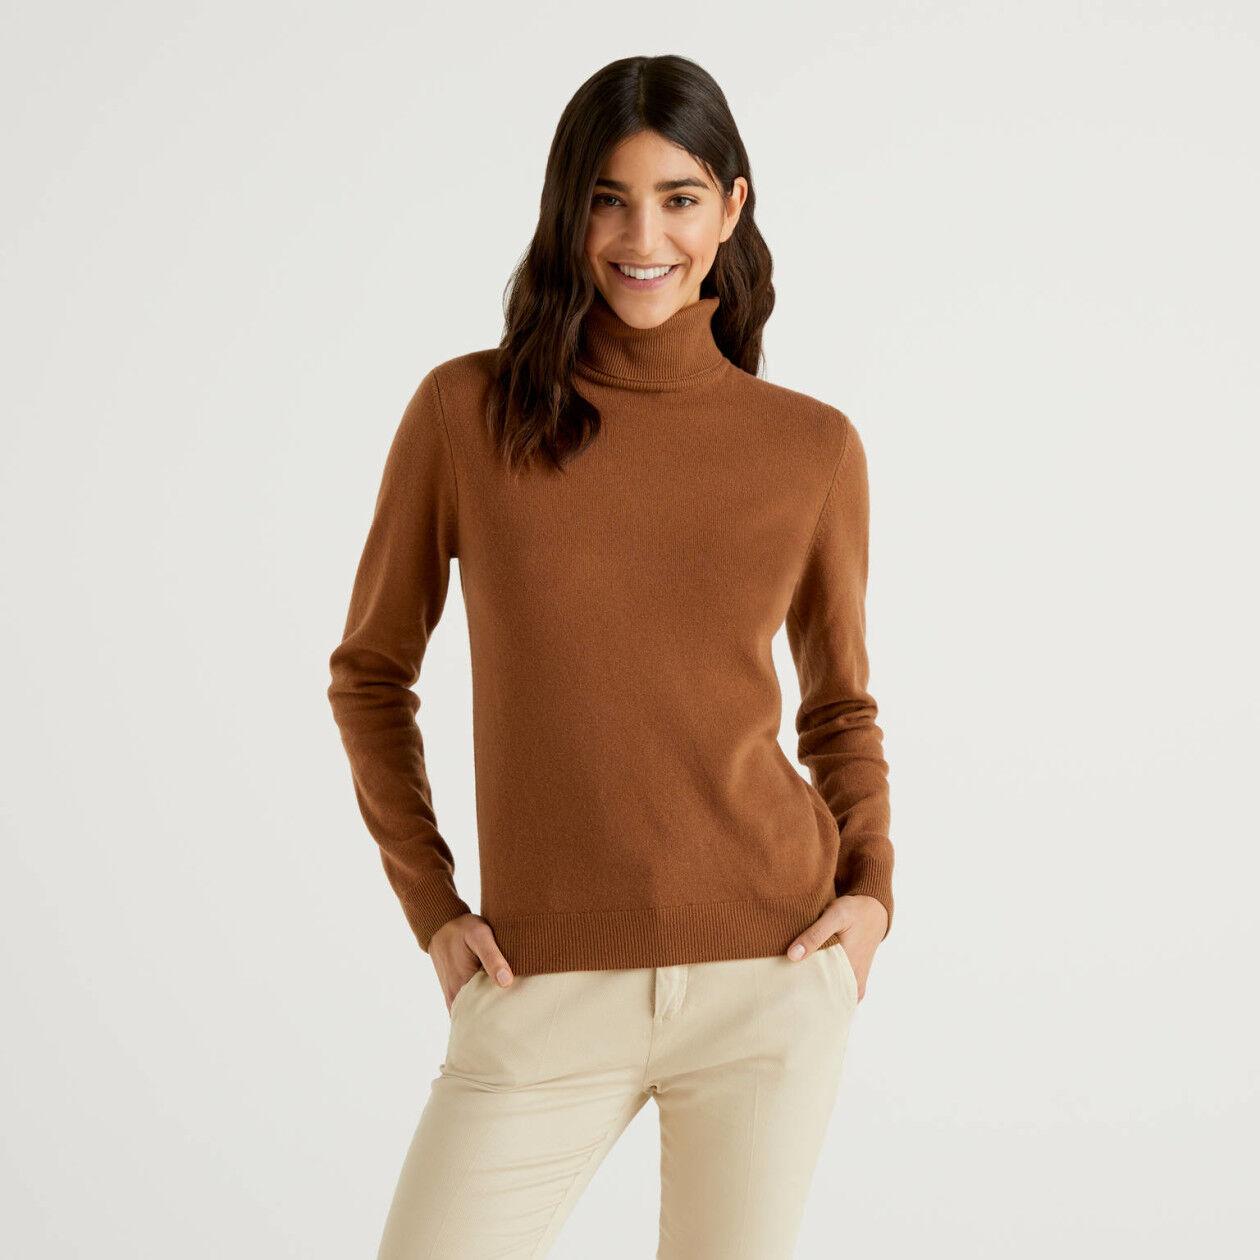 Camisola de gola alta marrom em pura lã virgem